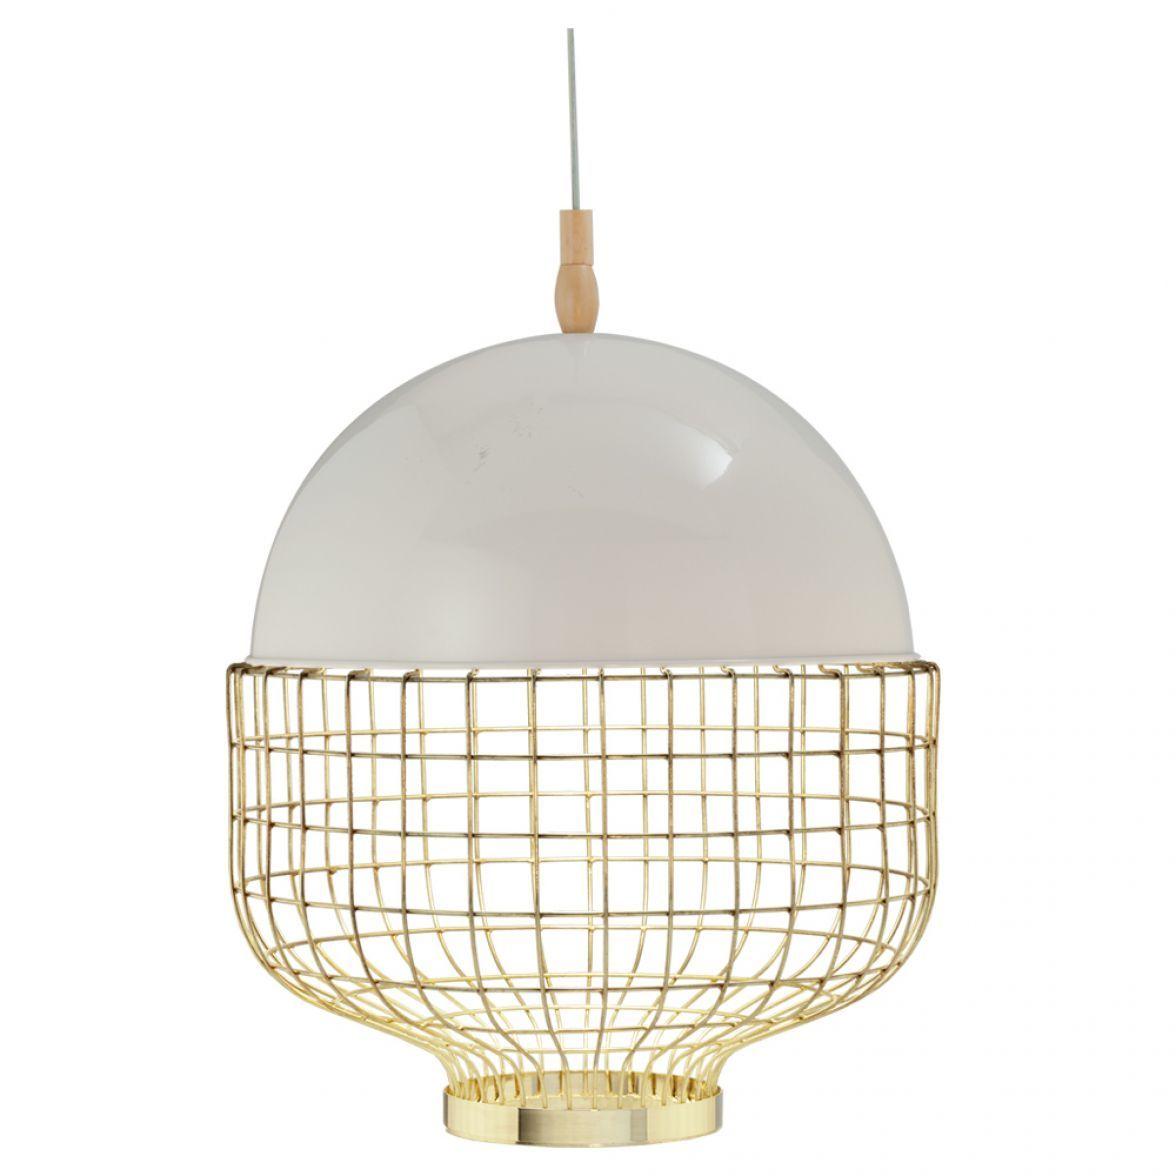 Magnolia suspension lamp